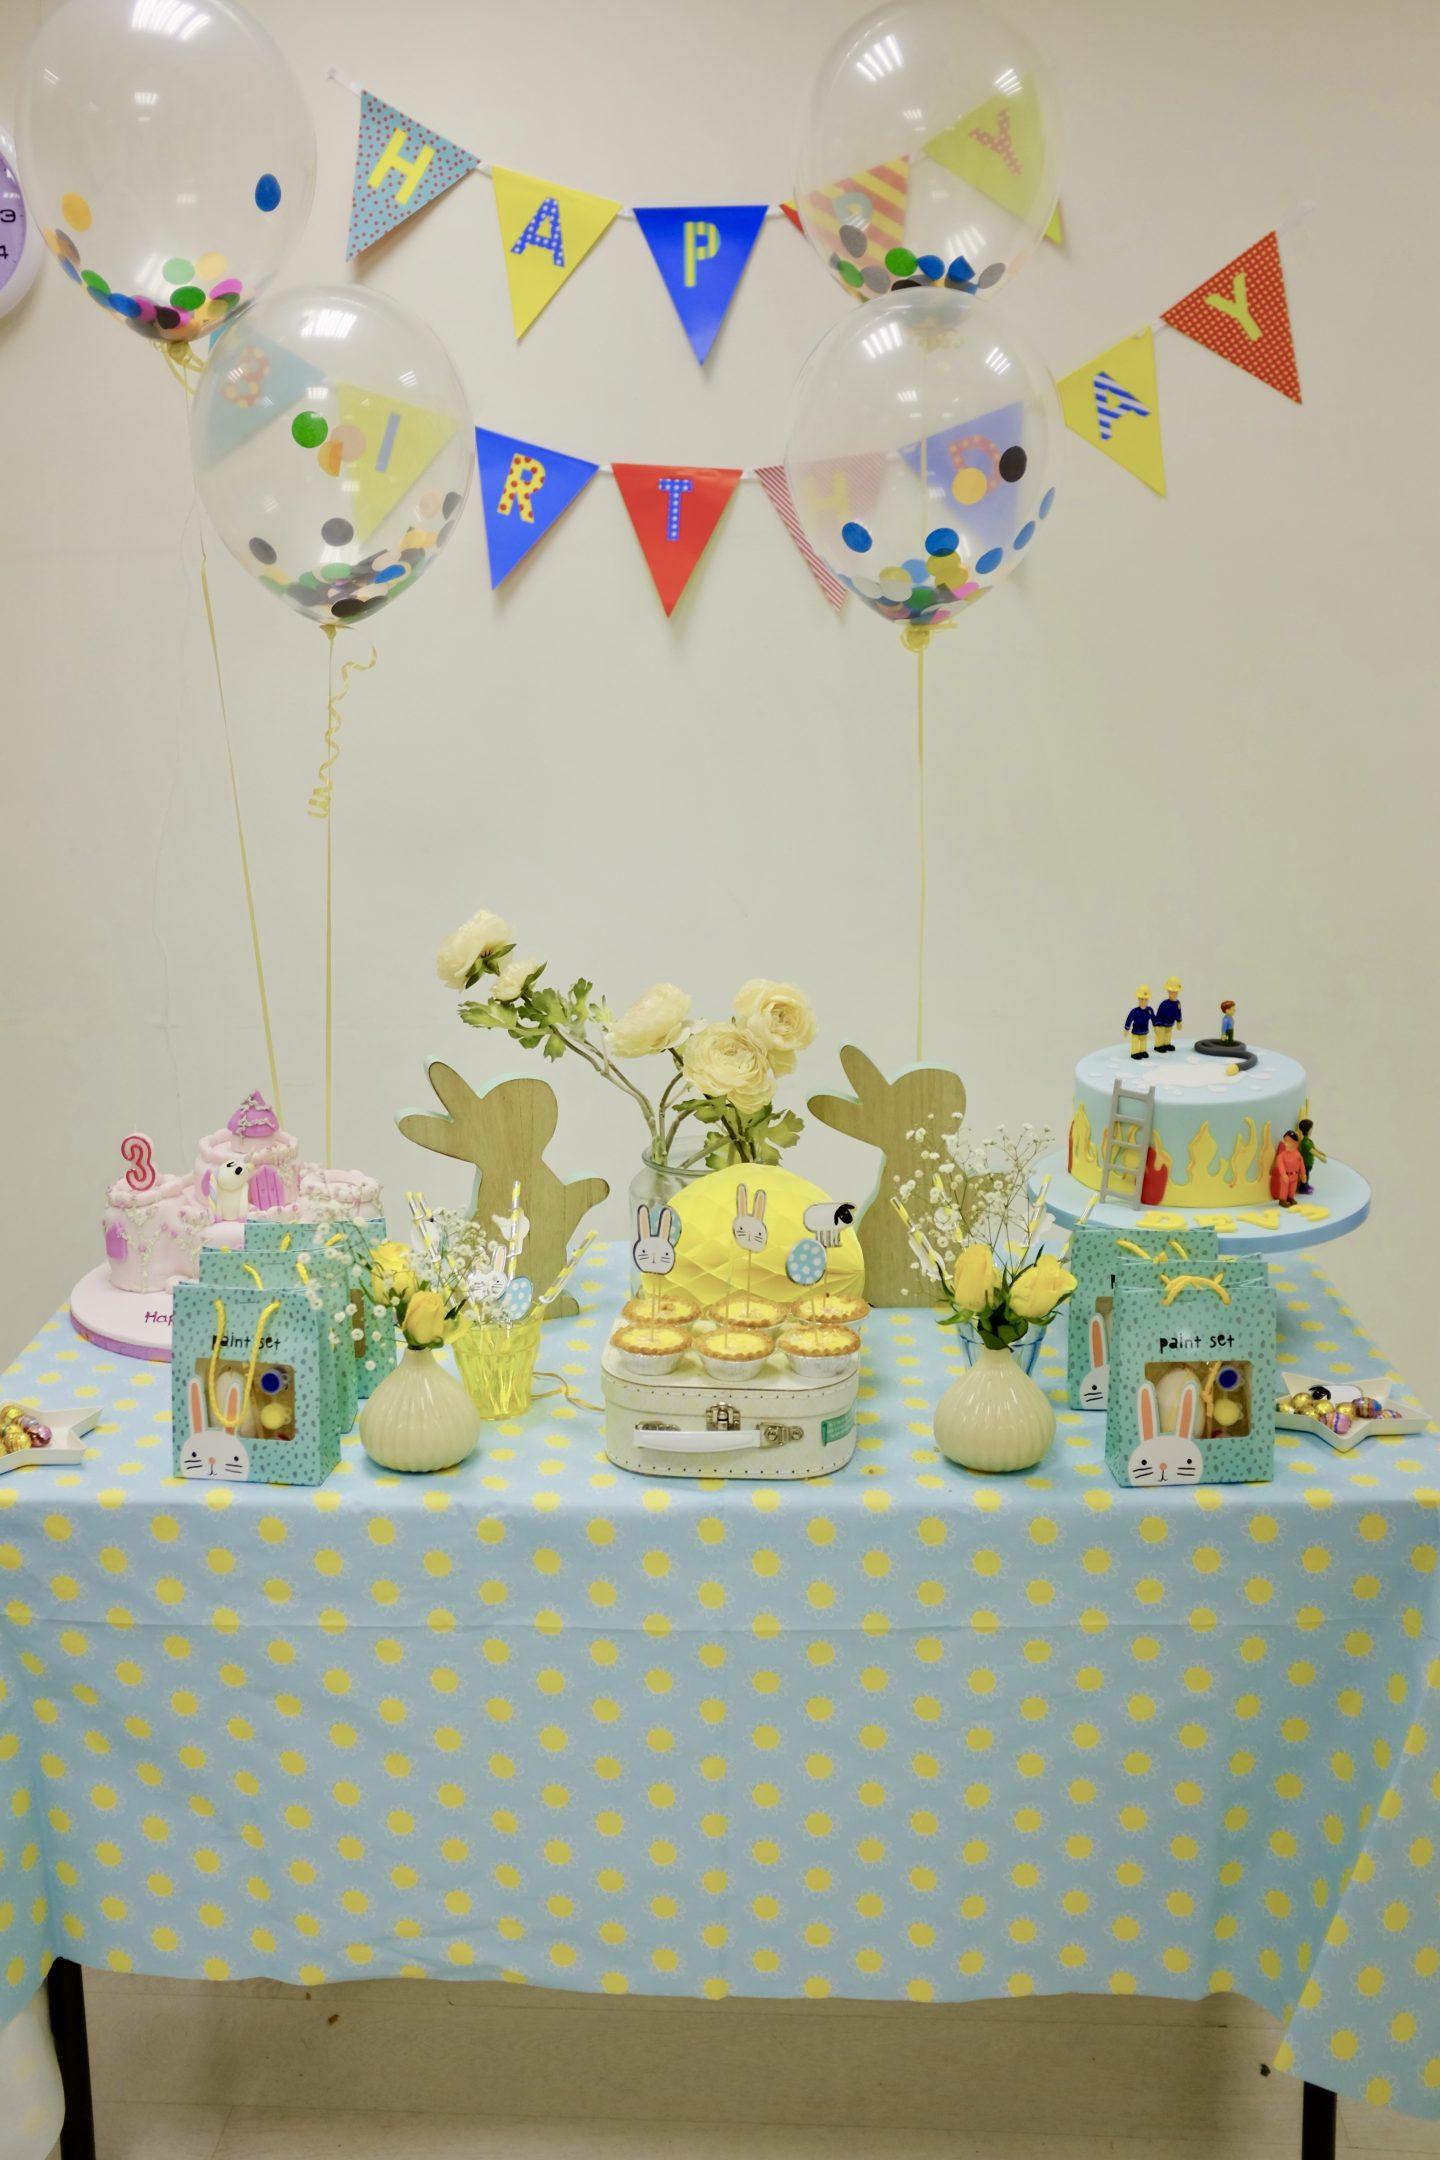 Birthday Party Decor Ideas For Little Boys